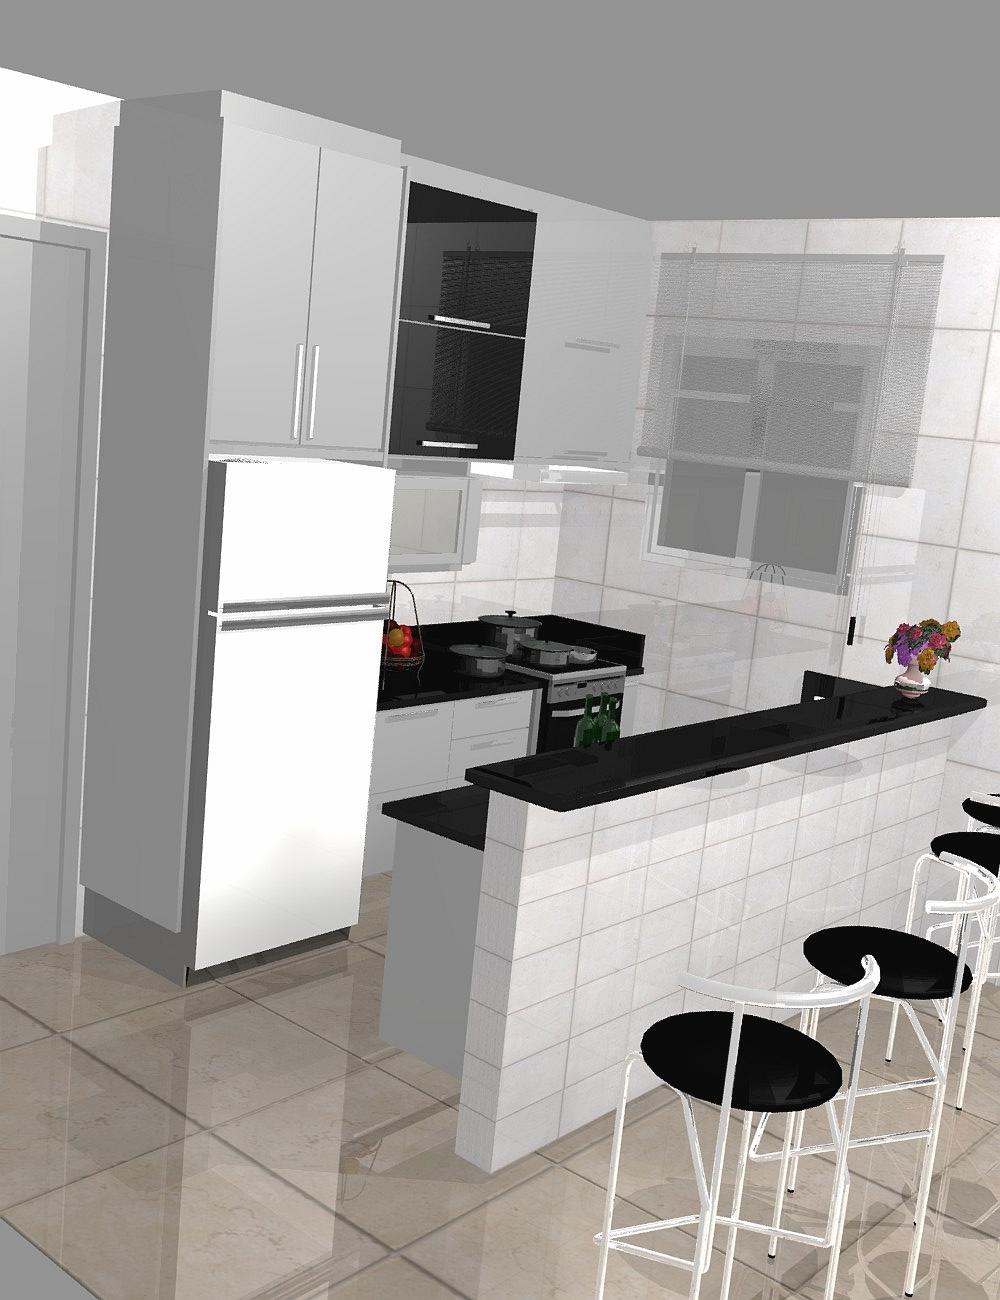 Cozinha Pequena Simples E Moderna Cozinha Pequena Simples E